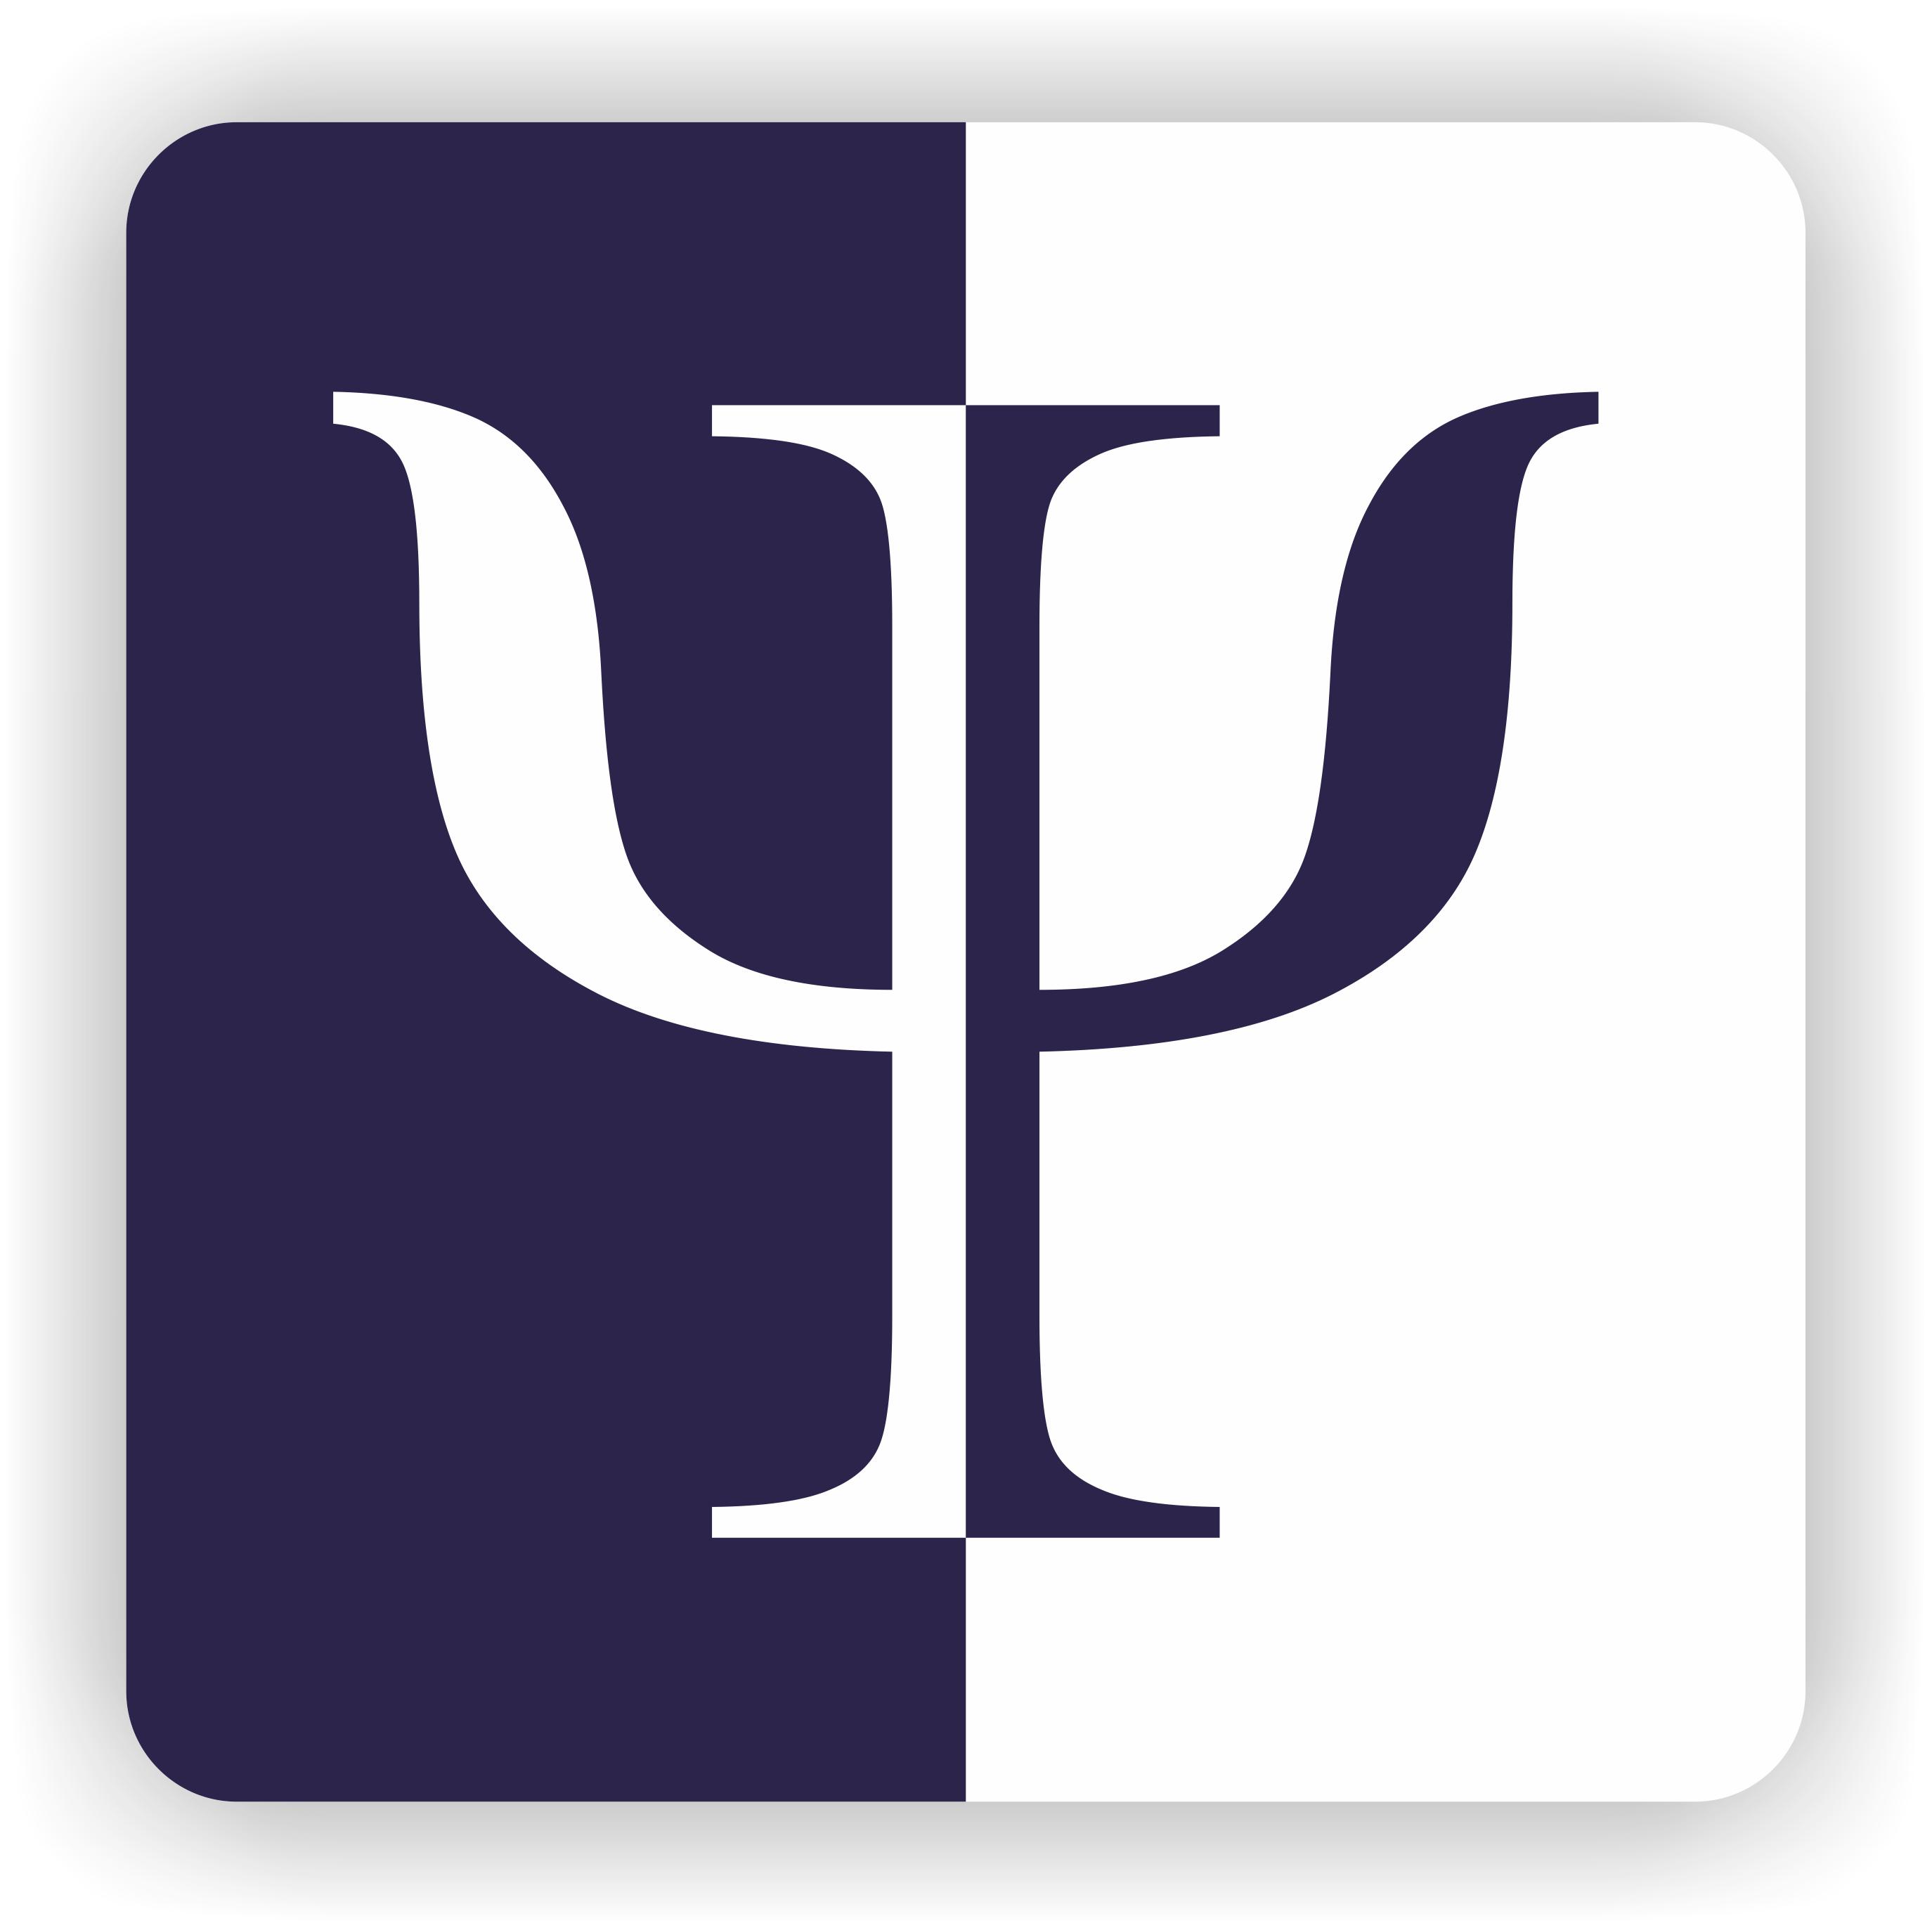 logotip_bez_nadpisi